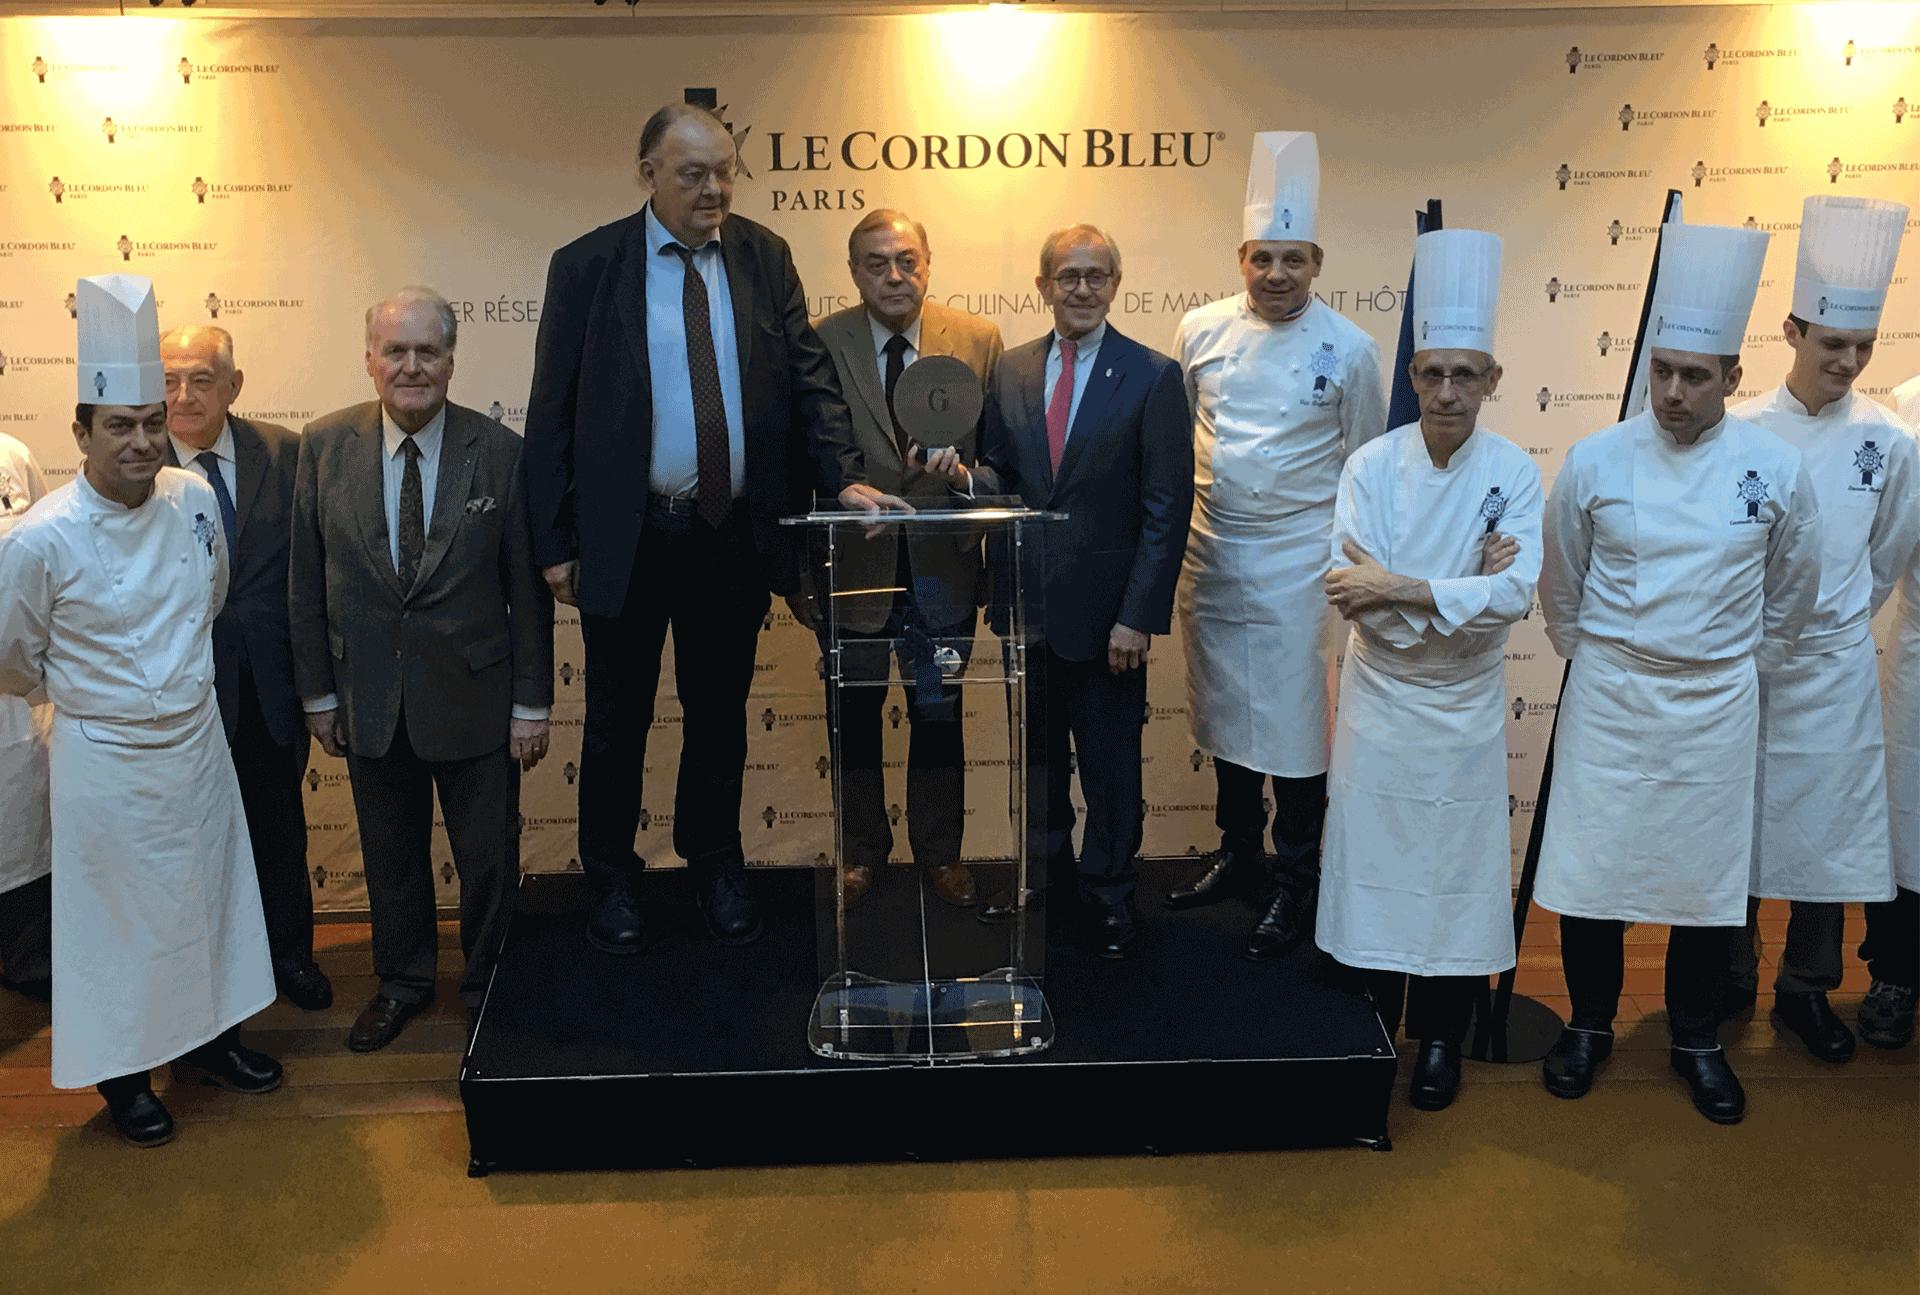 L'institut Le Cordon Bleu récompensé par le Grand Prix de la Culture Gastronomique